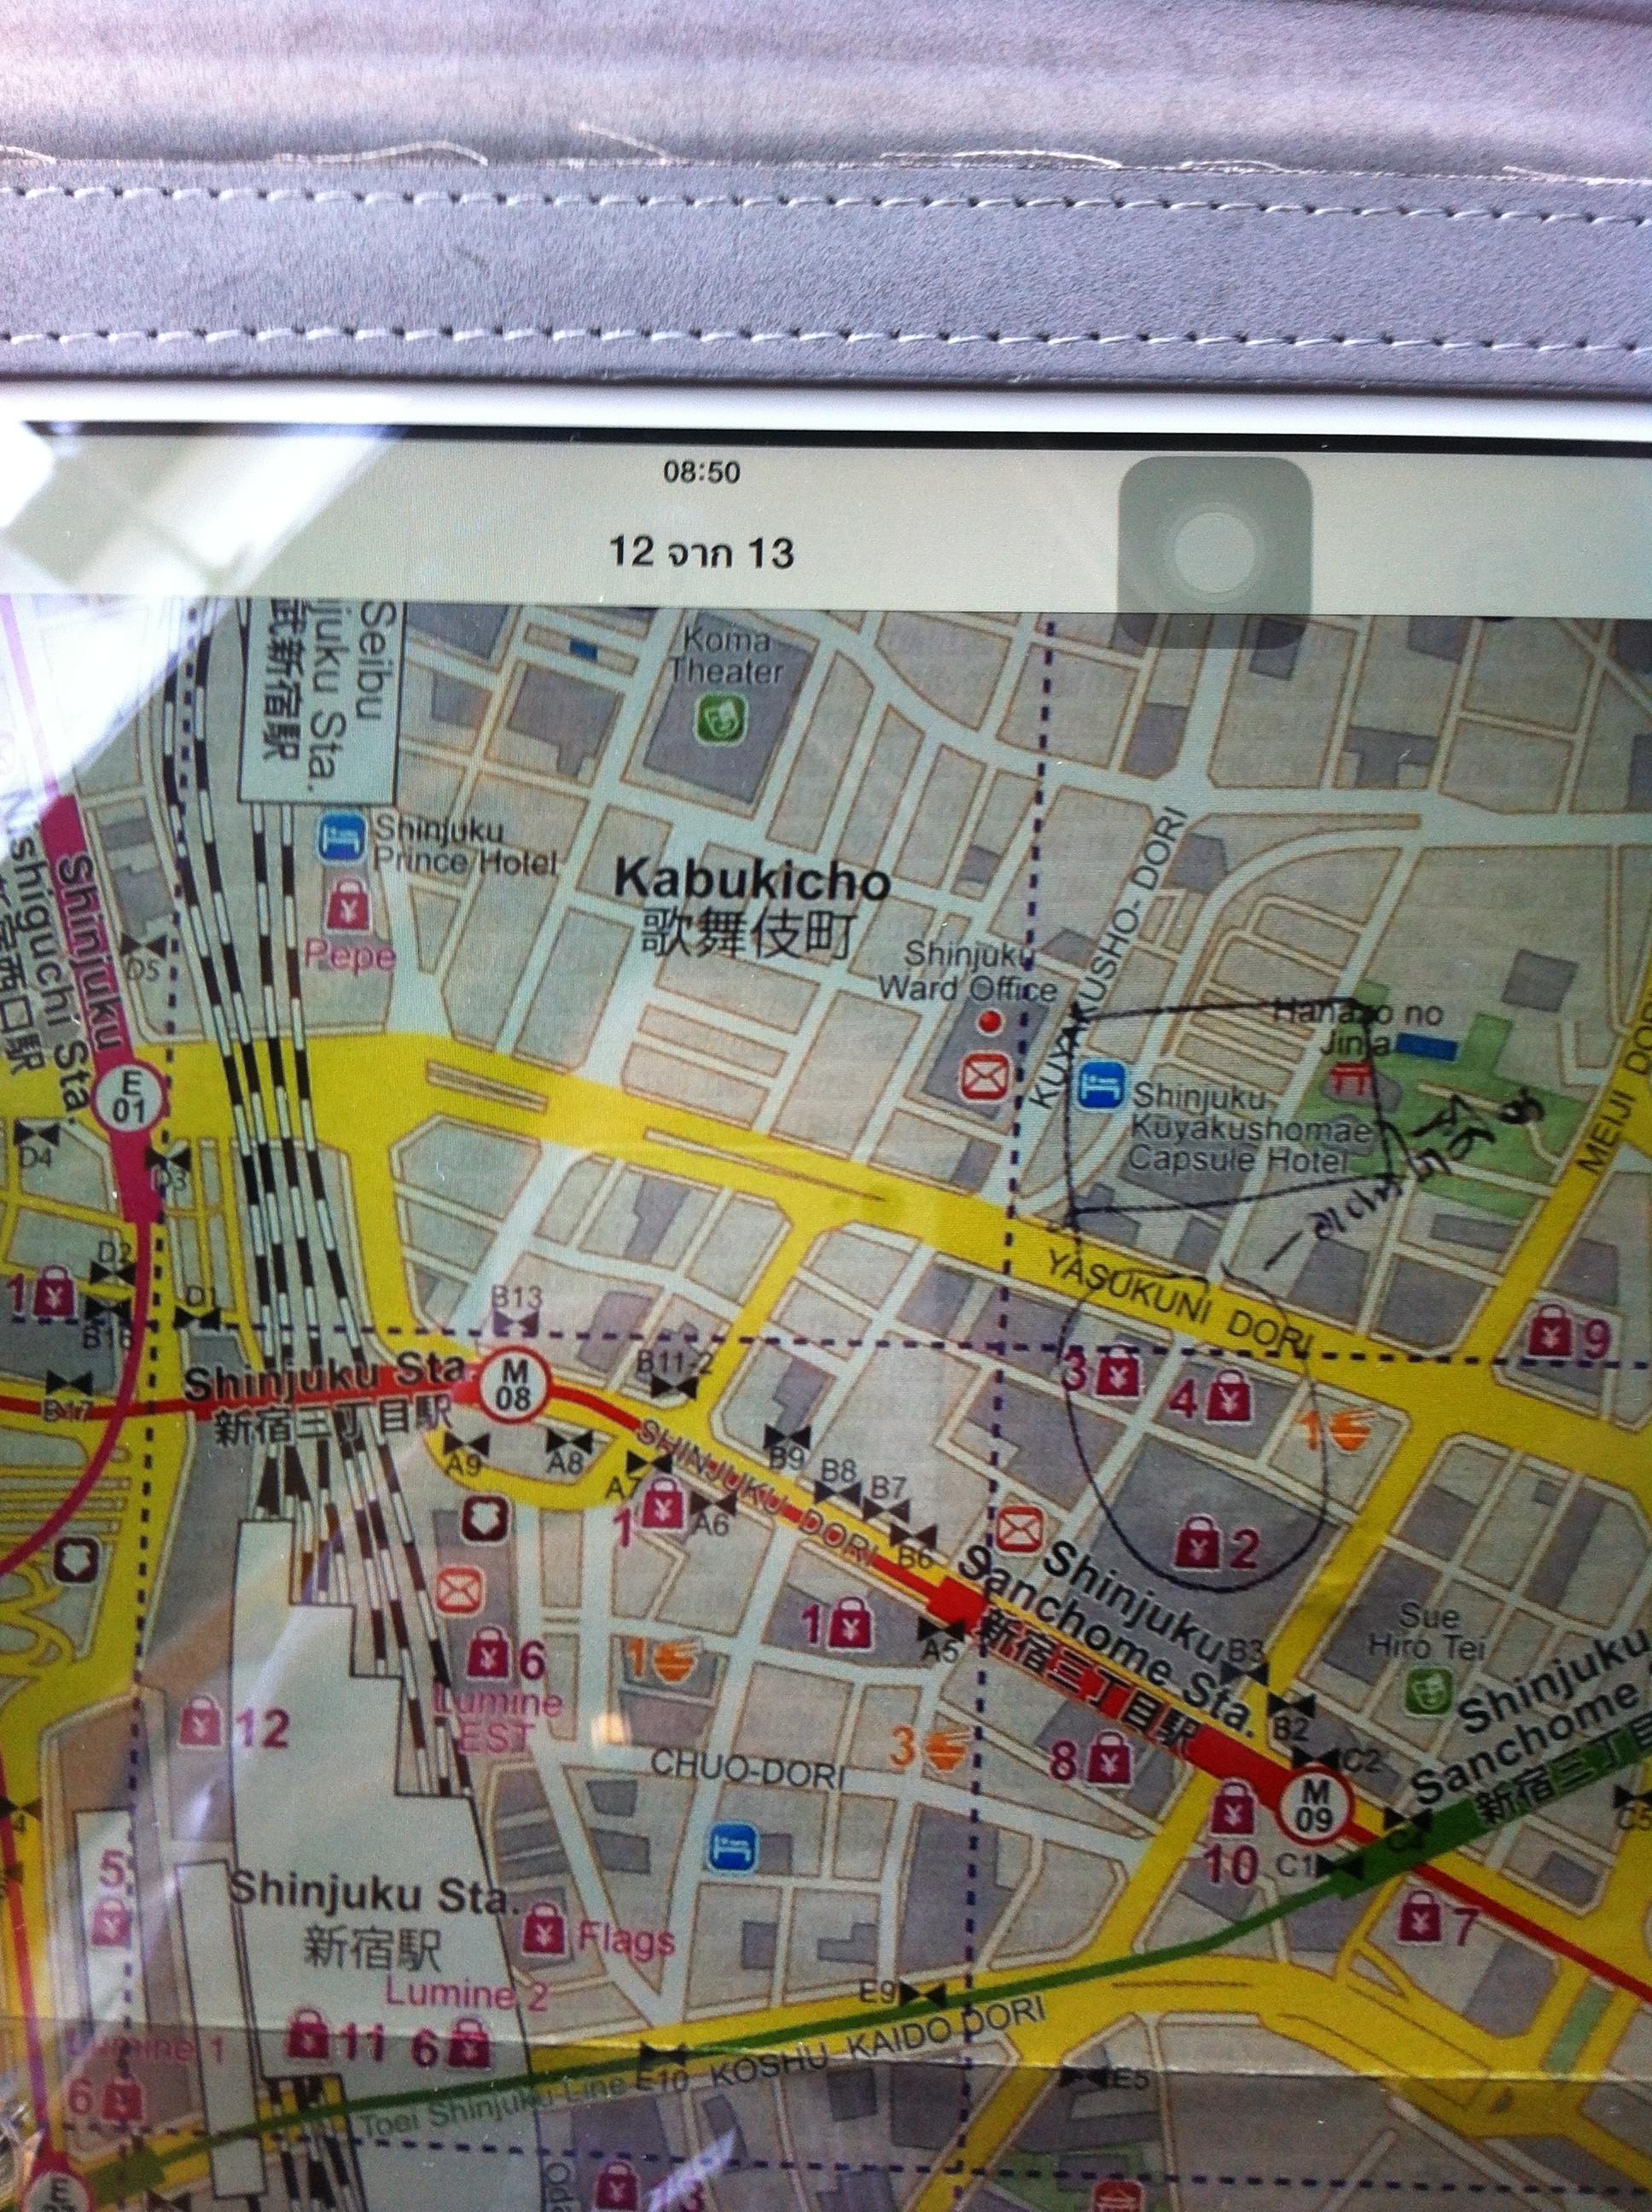 โรงแรมร้านอาหารสถานีรถไเที่ยวญี่ปุ่น,เที่ยวโตเกียว,โรงแรมญี่ปุ่น,โรงแรมโตเกียว,แนะนำที่เที่ยวนิยม,ที่พักราคาถูกโตเกียว,ราคาถูกญี่ปุ่น,ราคารถไฟฟ้าญี่ปุ่น,เส้นทางญี่ปุ่นโตเกียว,เที่ยวญี่ปุ่นที่ไหนดีฟญี่ปุ่นโตเกียวแนะนำสอบถามรีวิวPicture 313